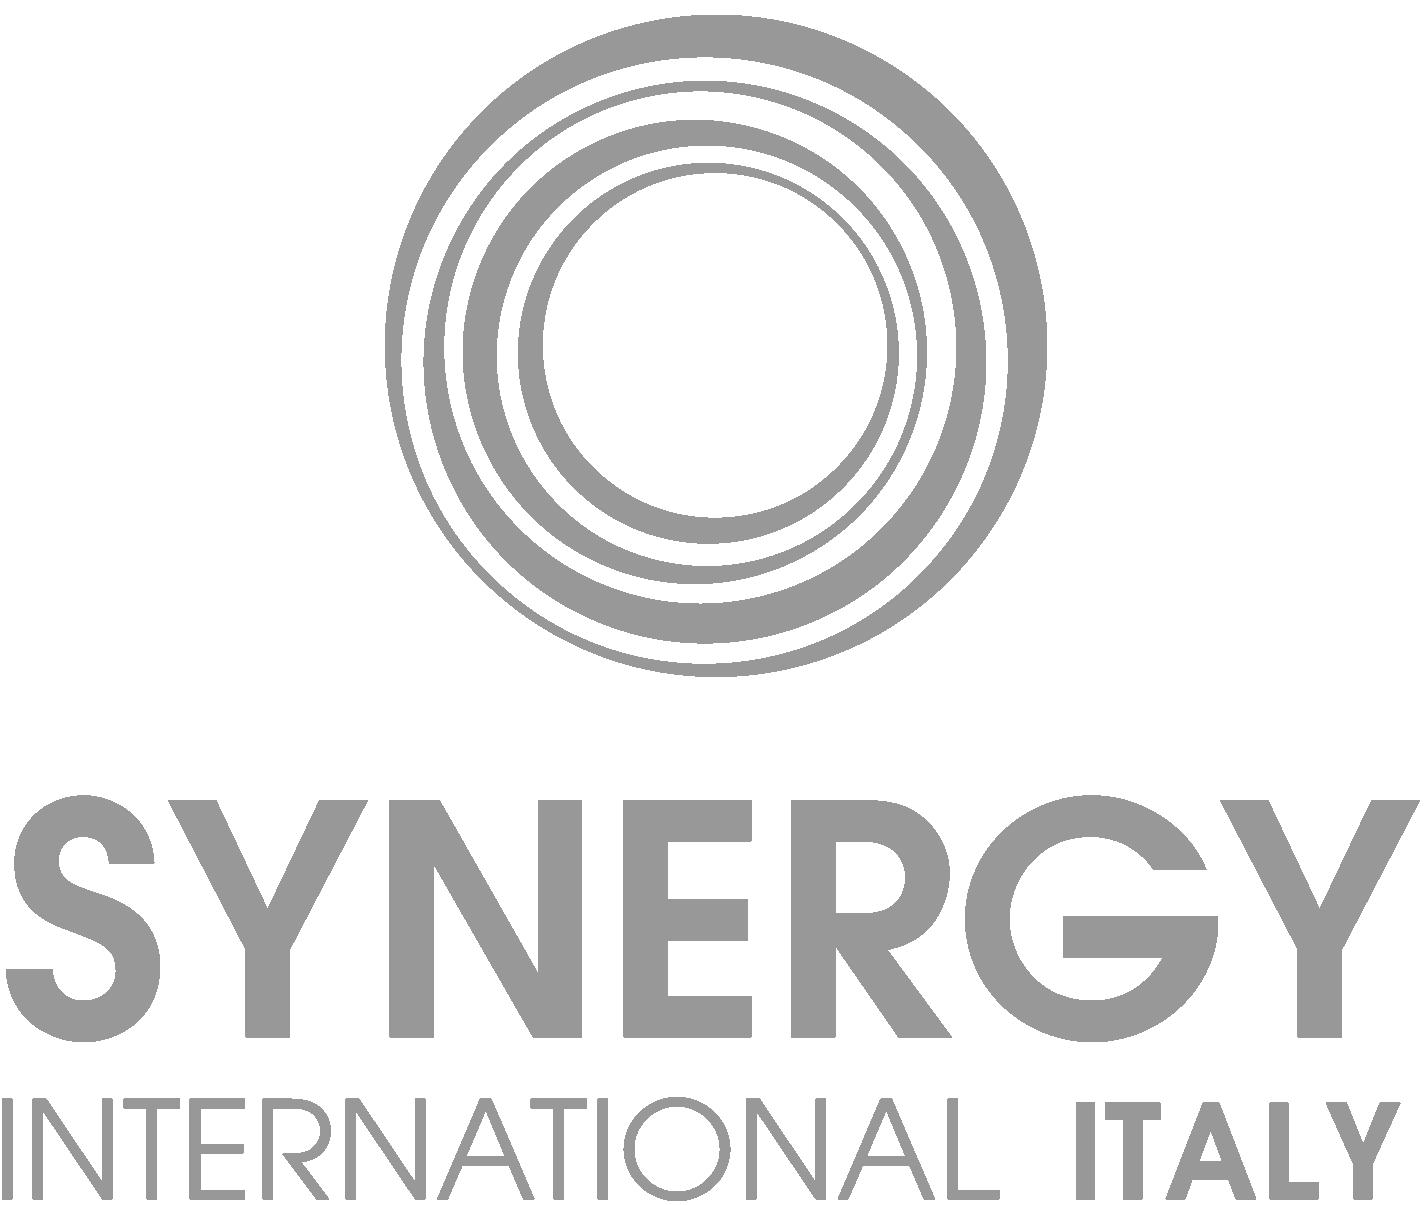 Logo https://synergyinternational.eu/SYNERGY INTERNATIONAL ITALY Srl